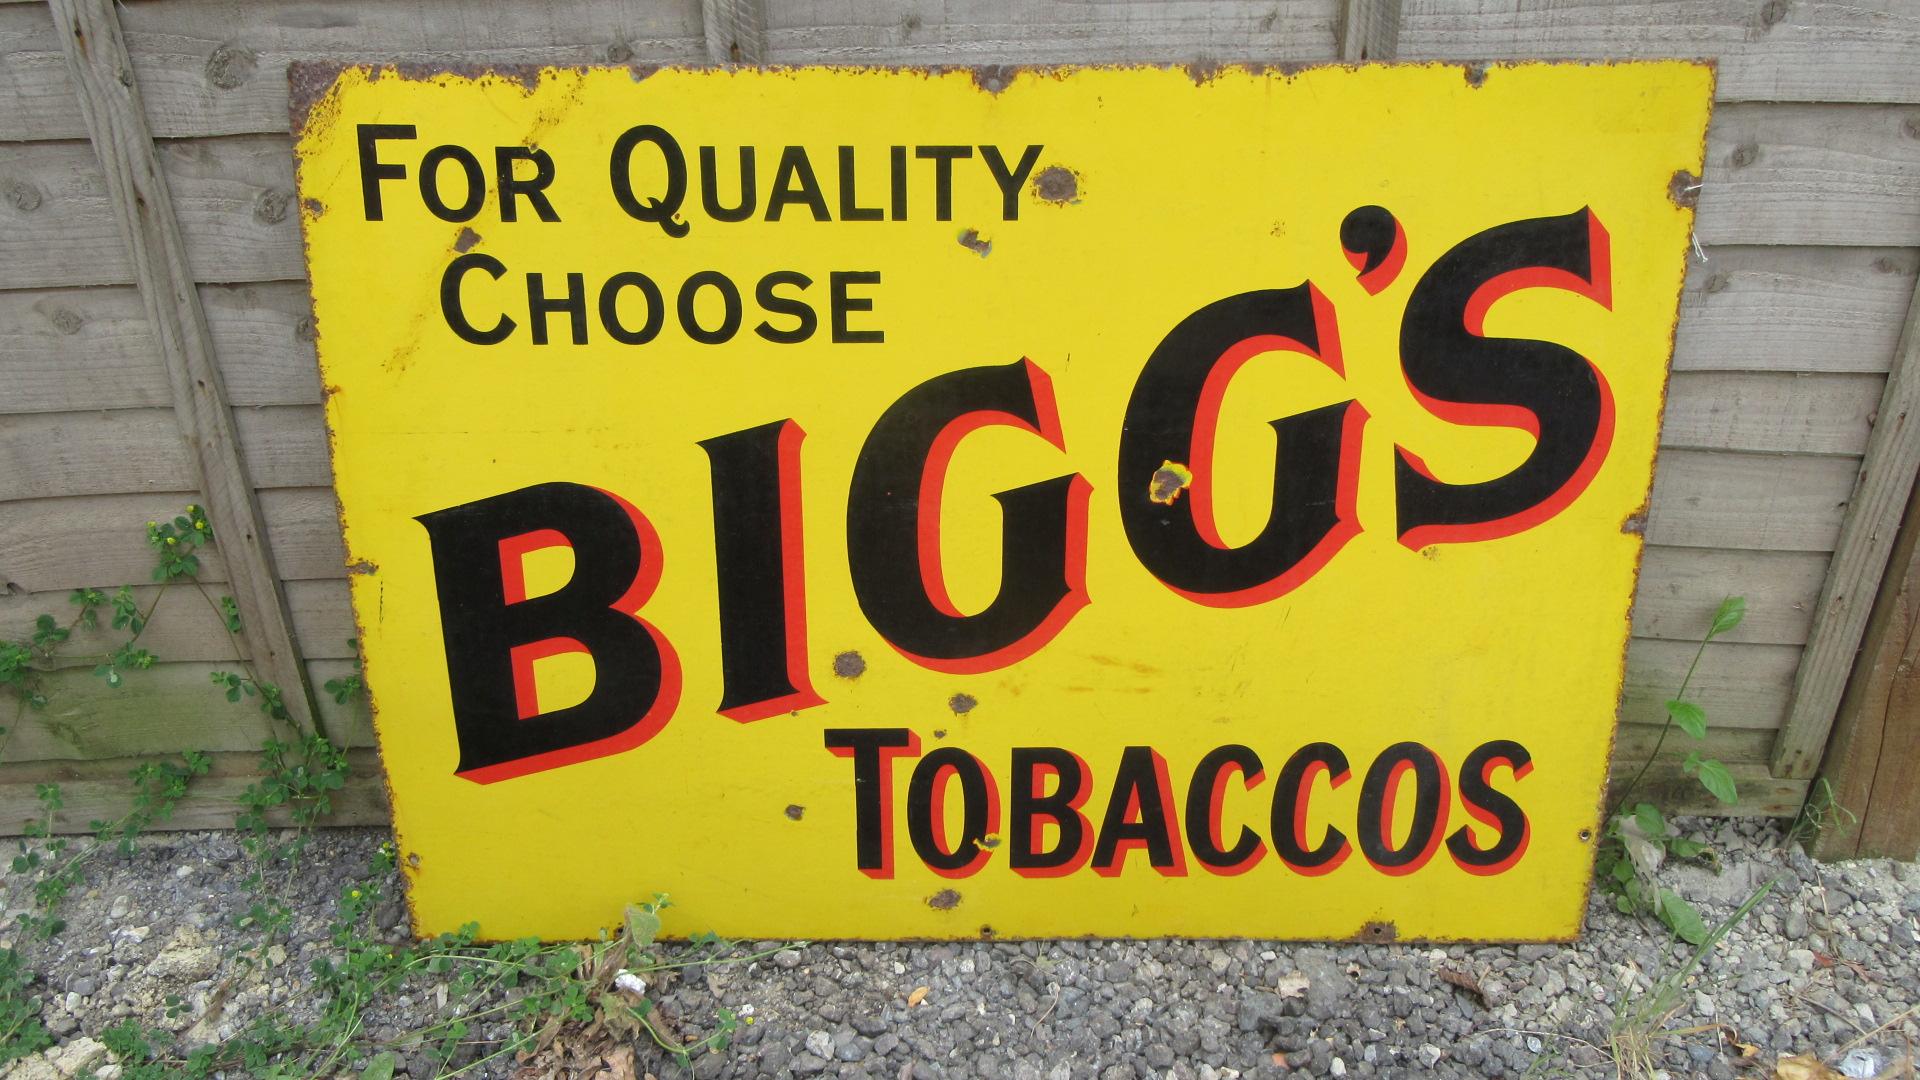 ANTIQUE BIGGS CIGARETTES ENAMEL ADVERTISING SIGN